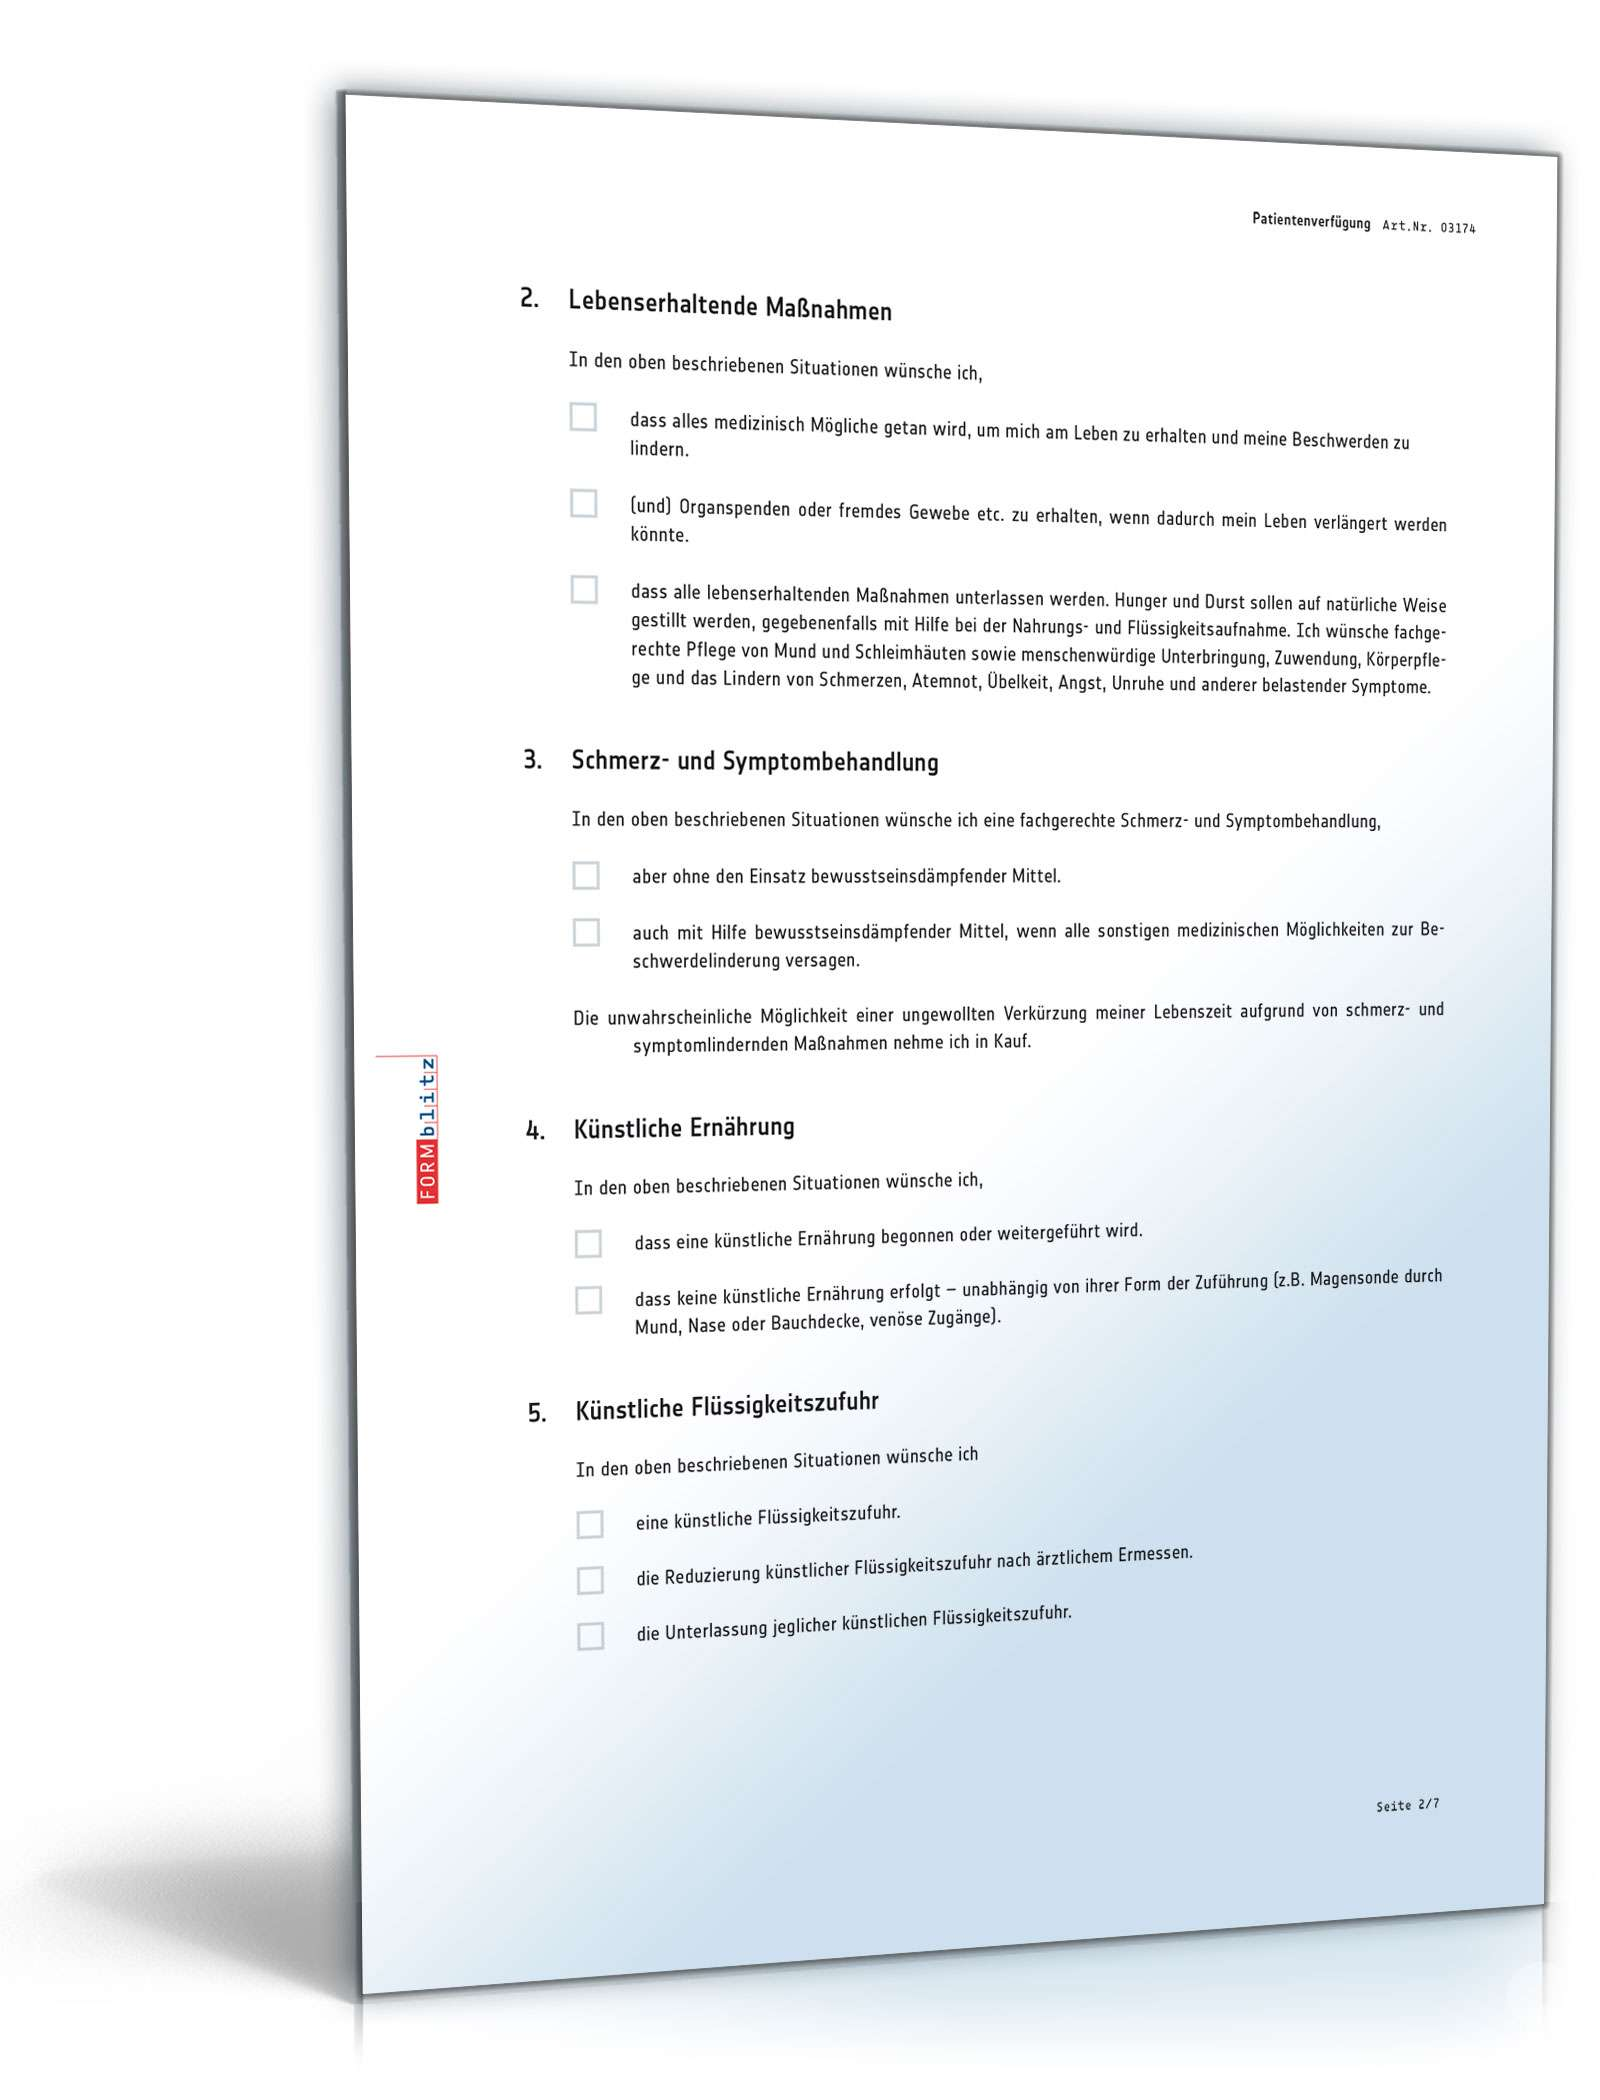 pdf seite 2 - Patientenverfugung Muster